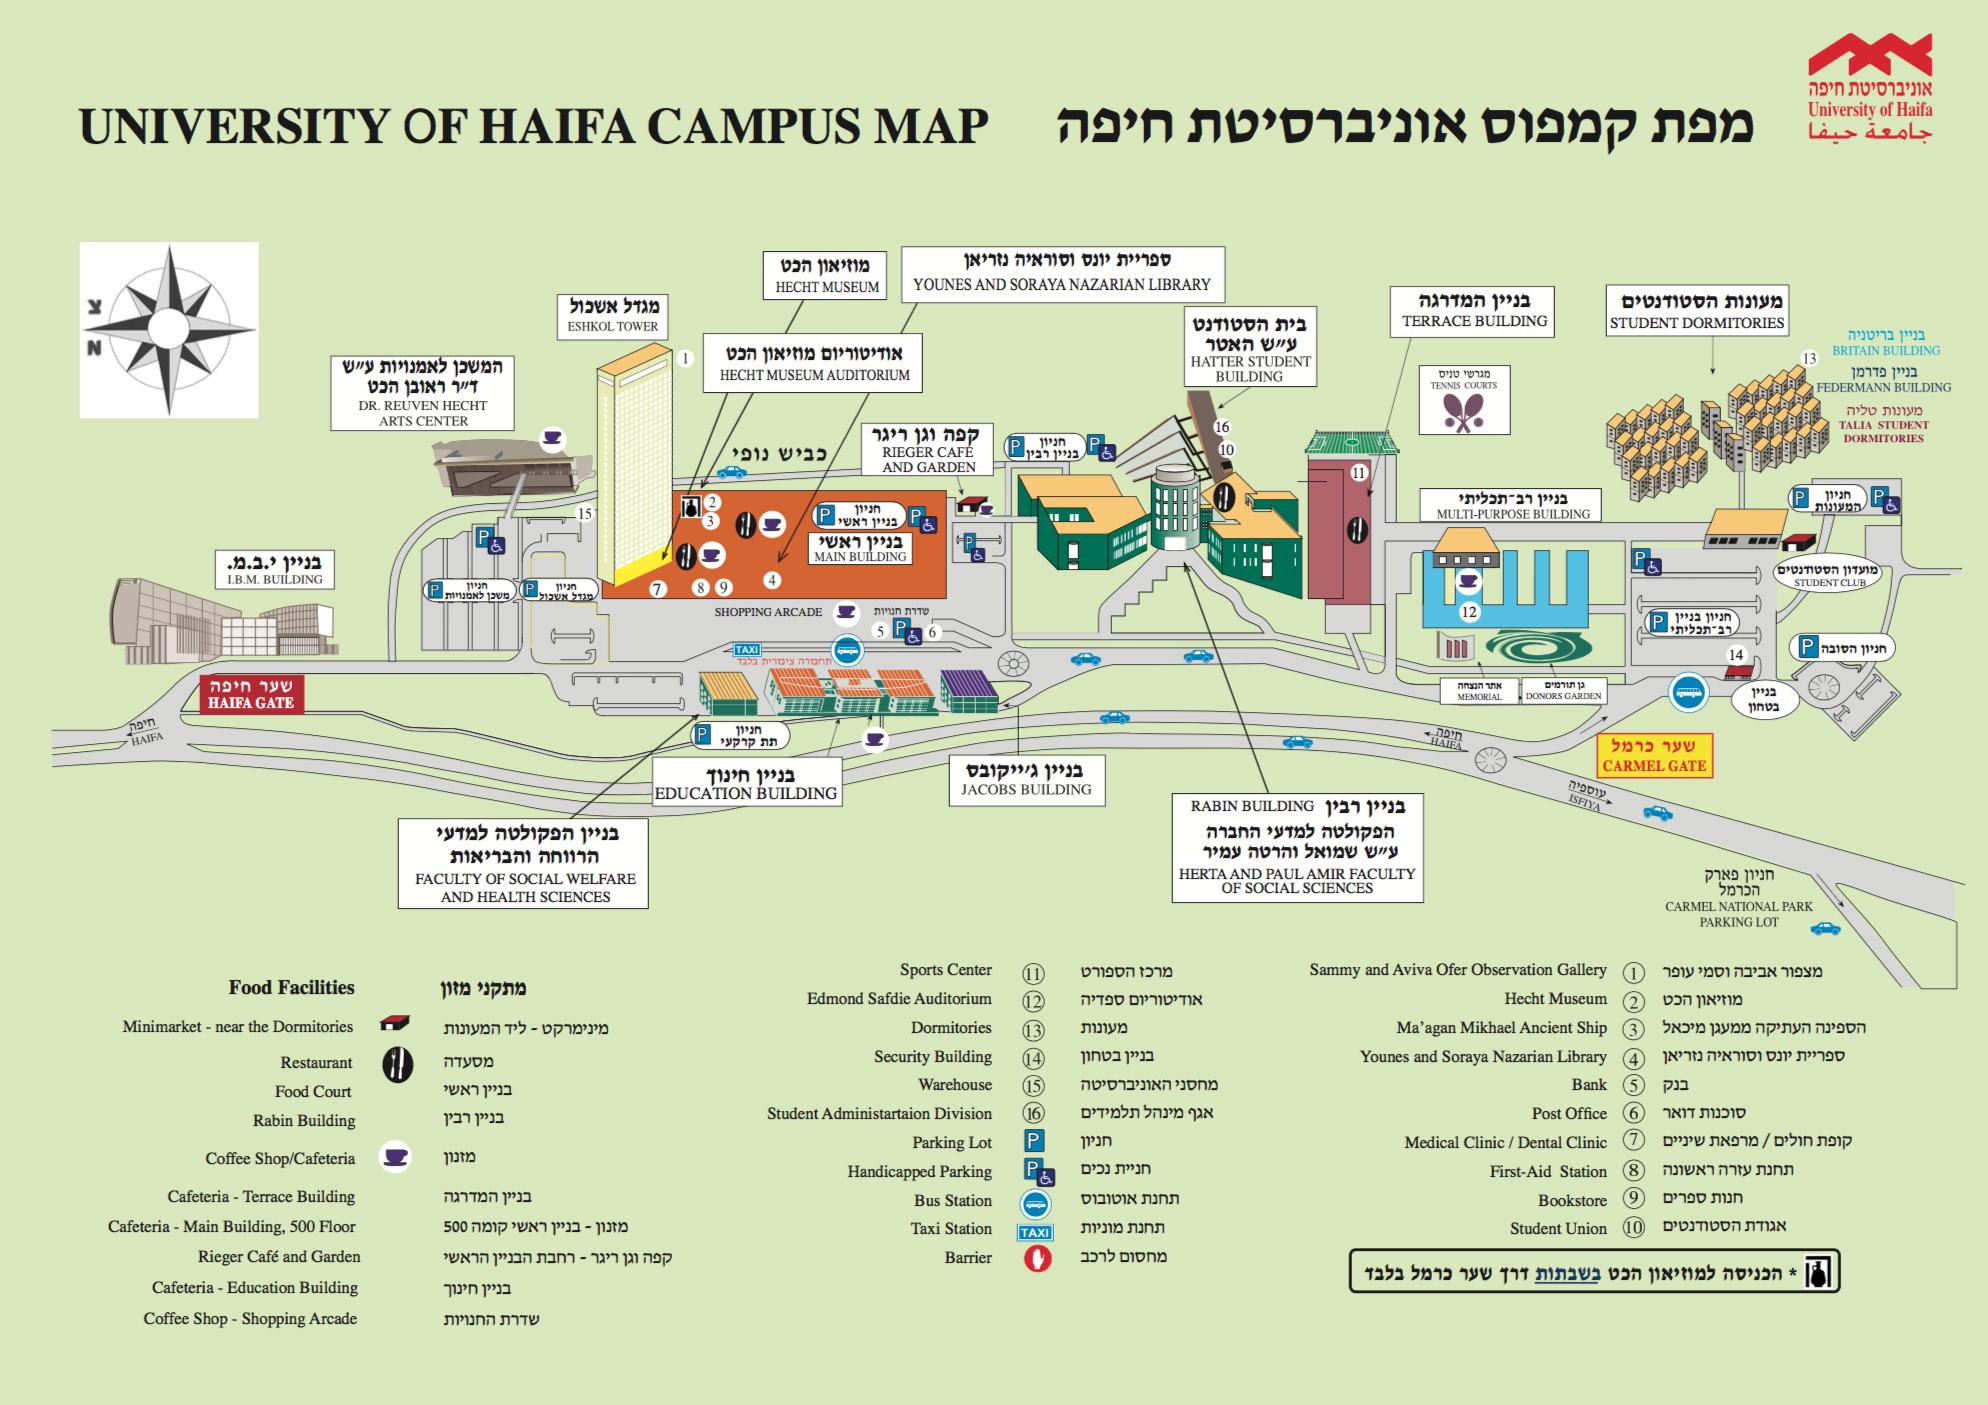 מפת האוניברסיטה